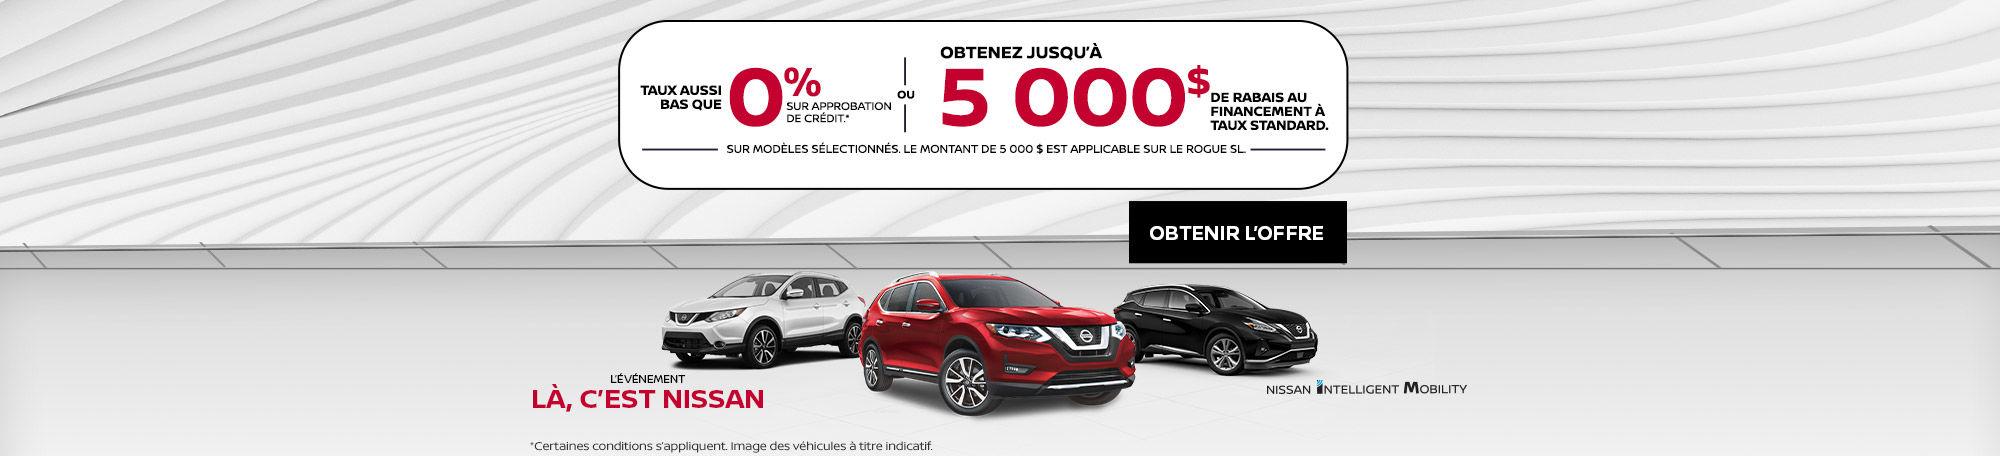 Événement Nissan